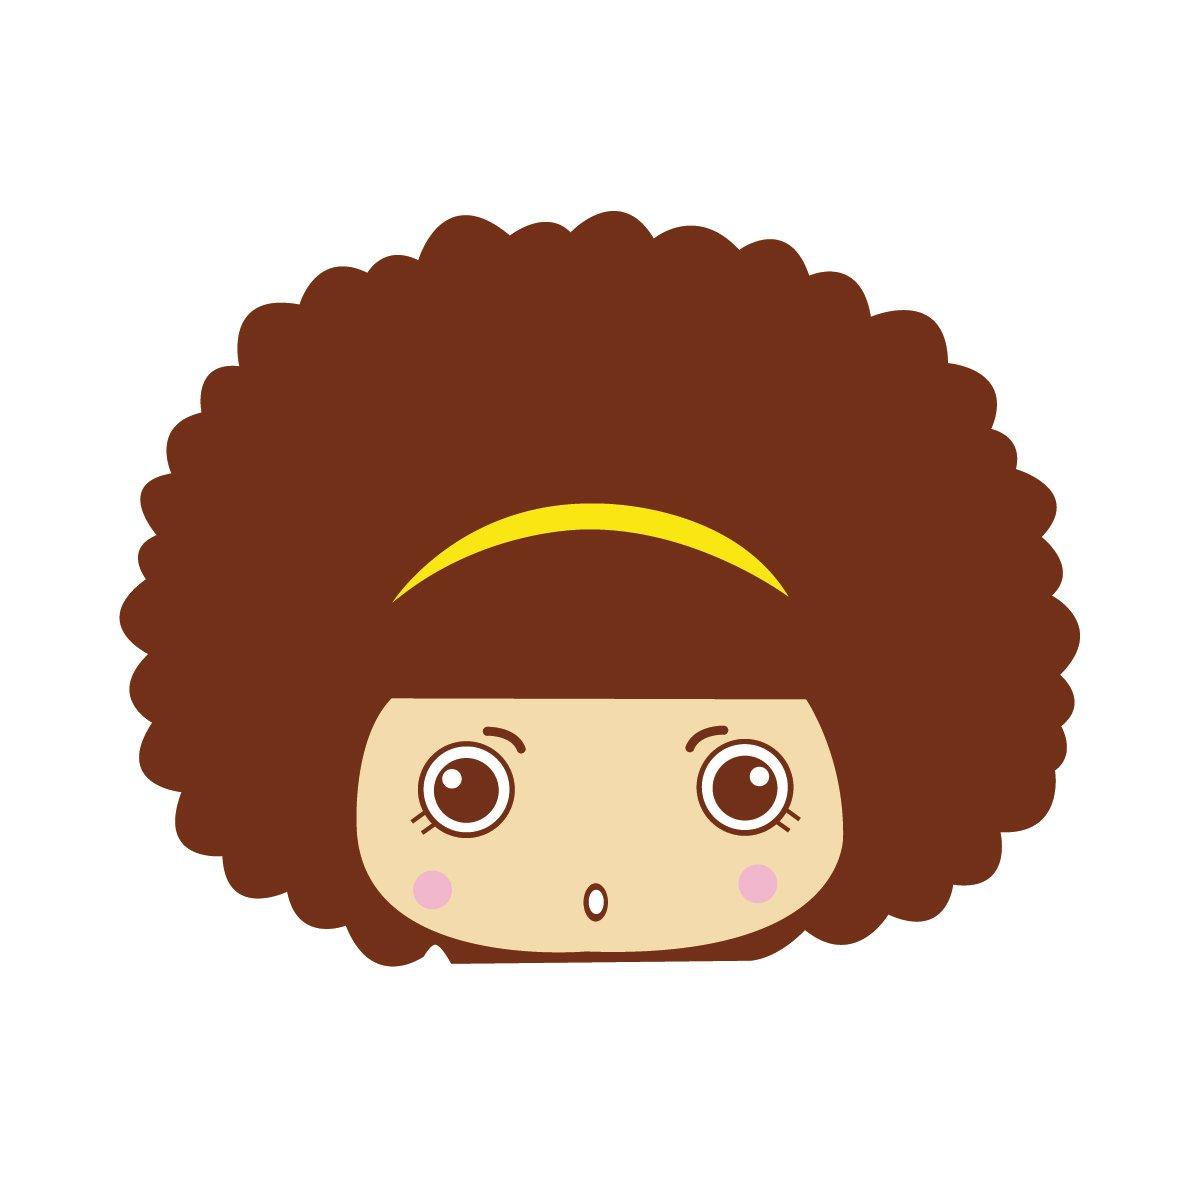 ky 卡艺 汽车贴纸 mocmoc 摩丝娃娃黄色发卡惊呆 汽车划痕贴 搞笑可爱